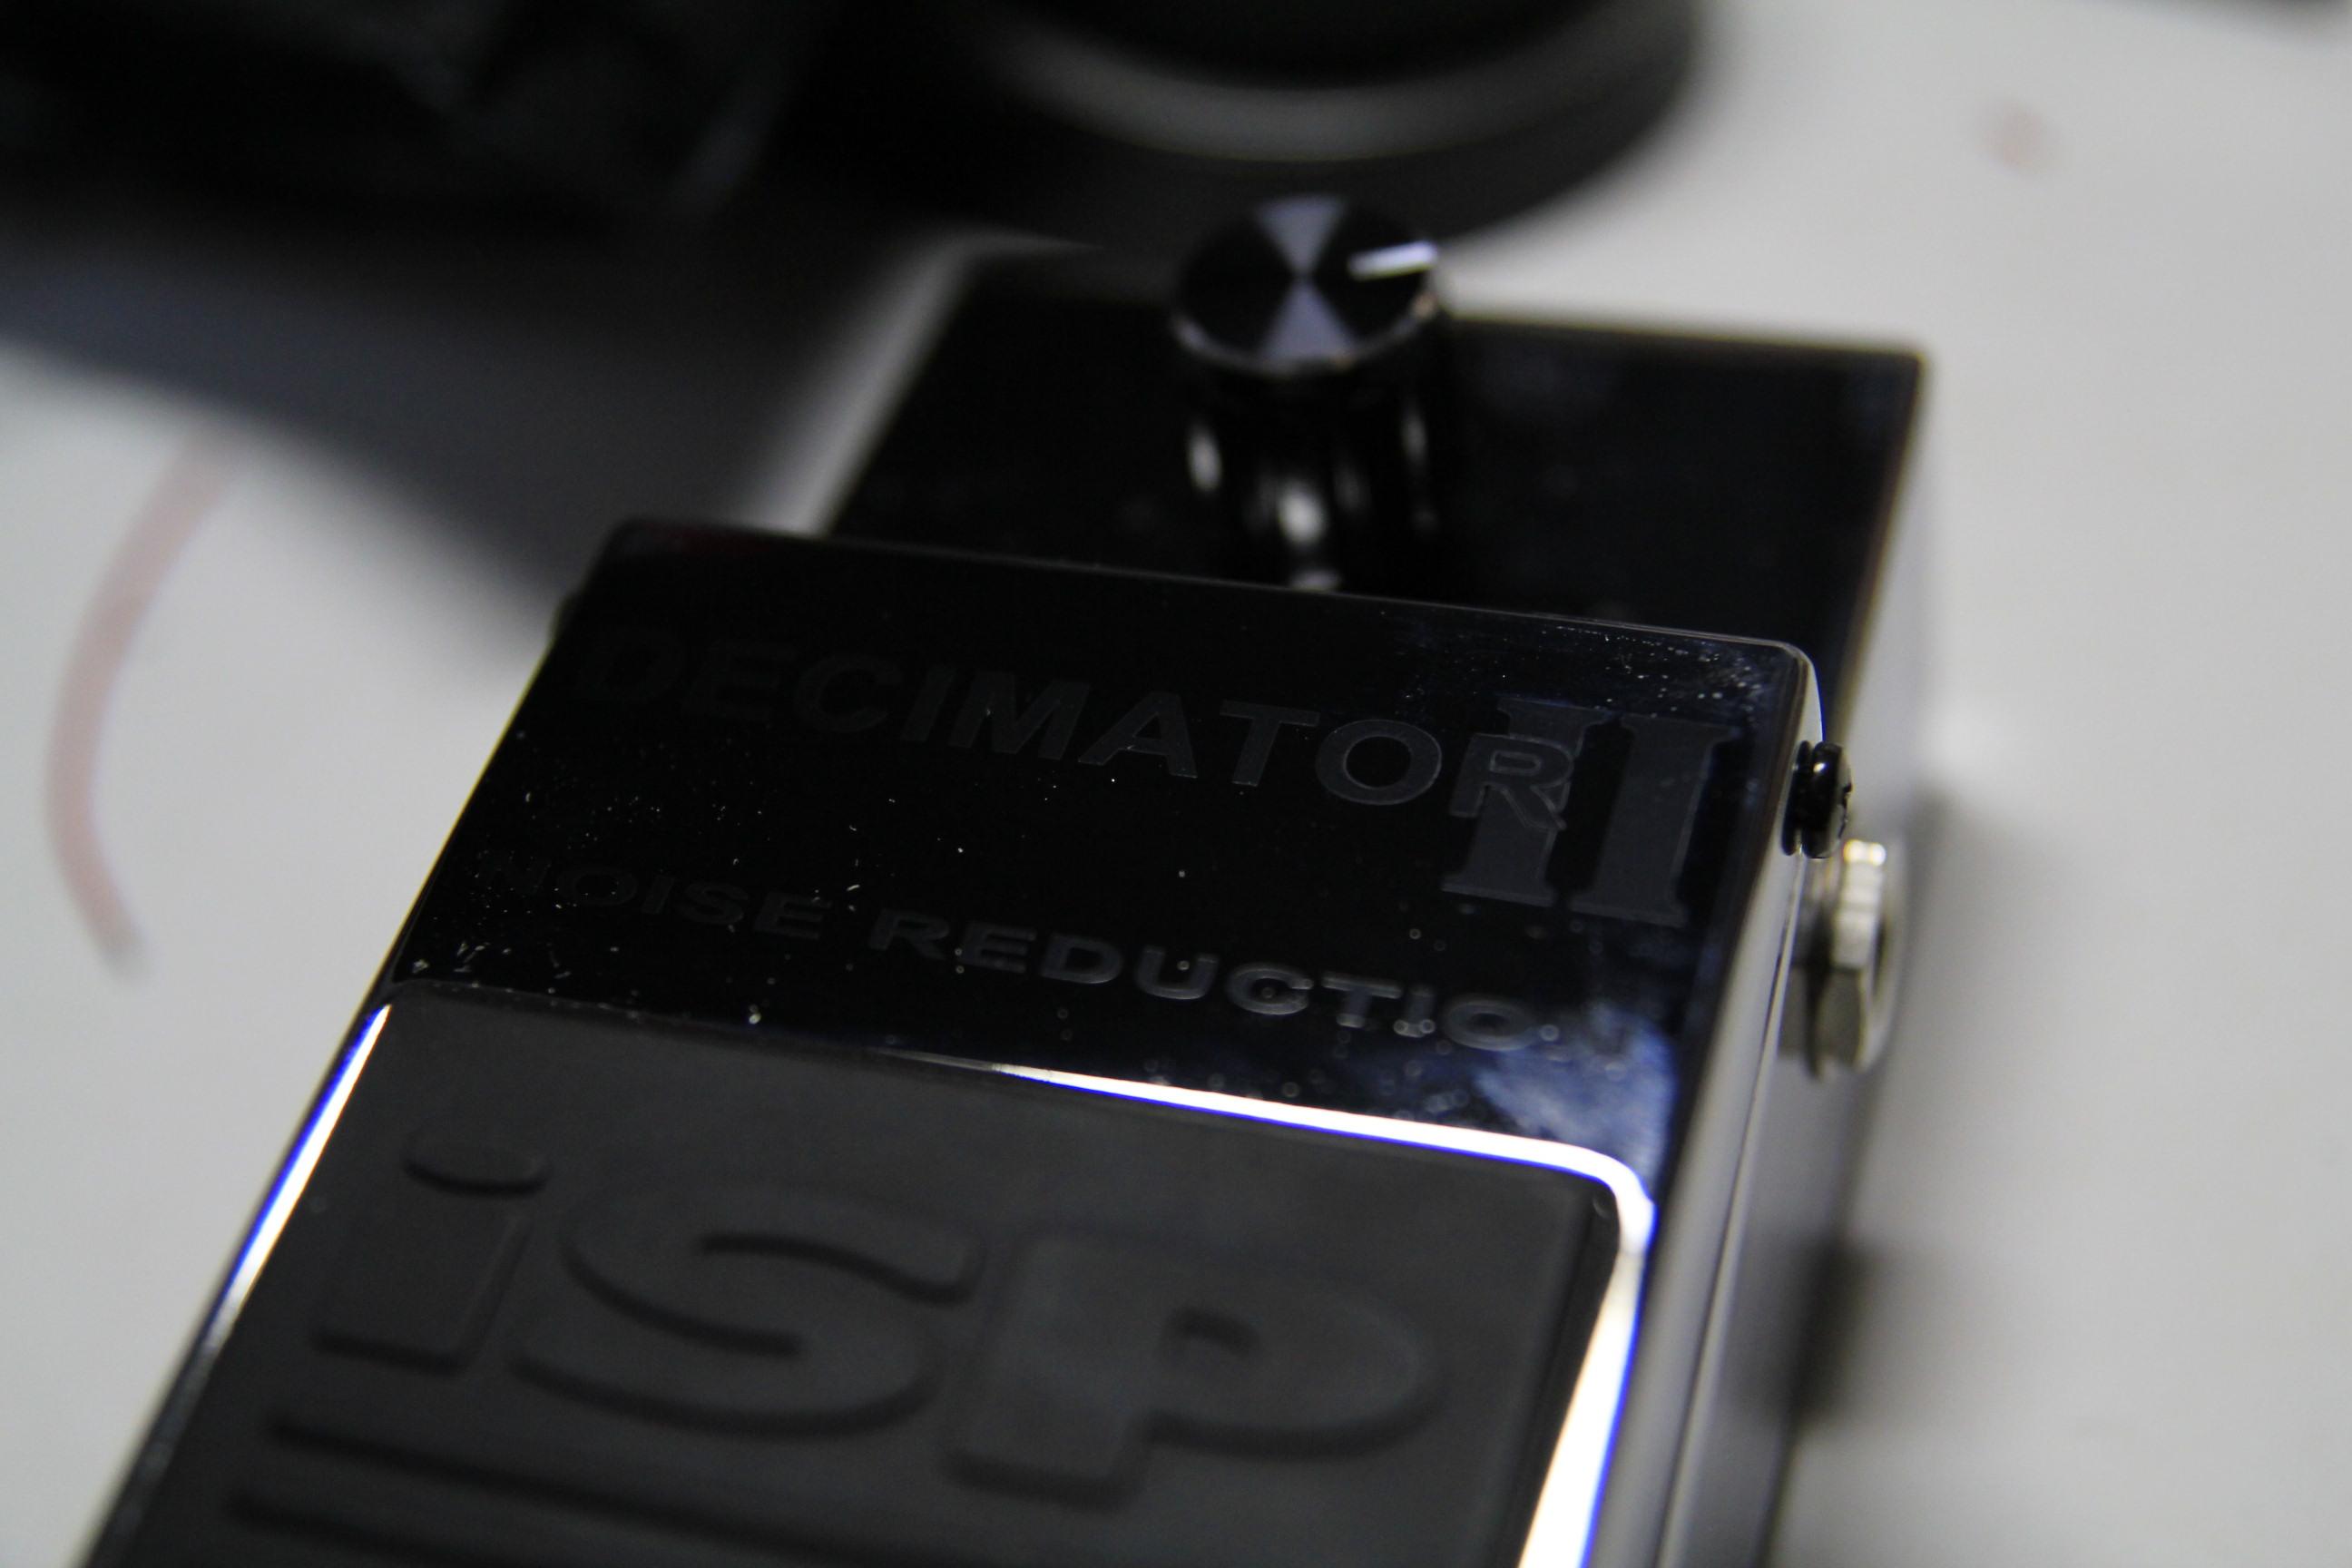 isp-decimator-6